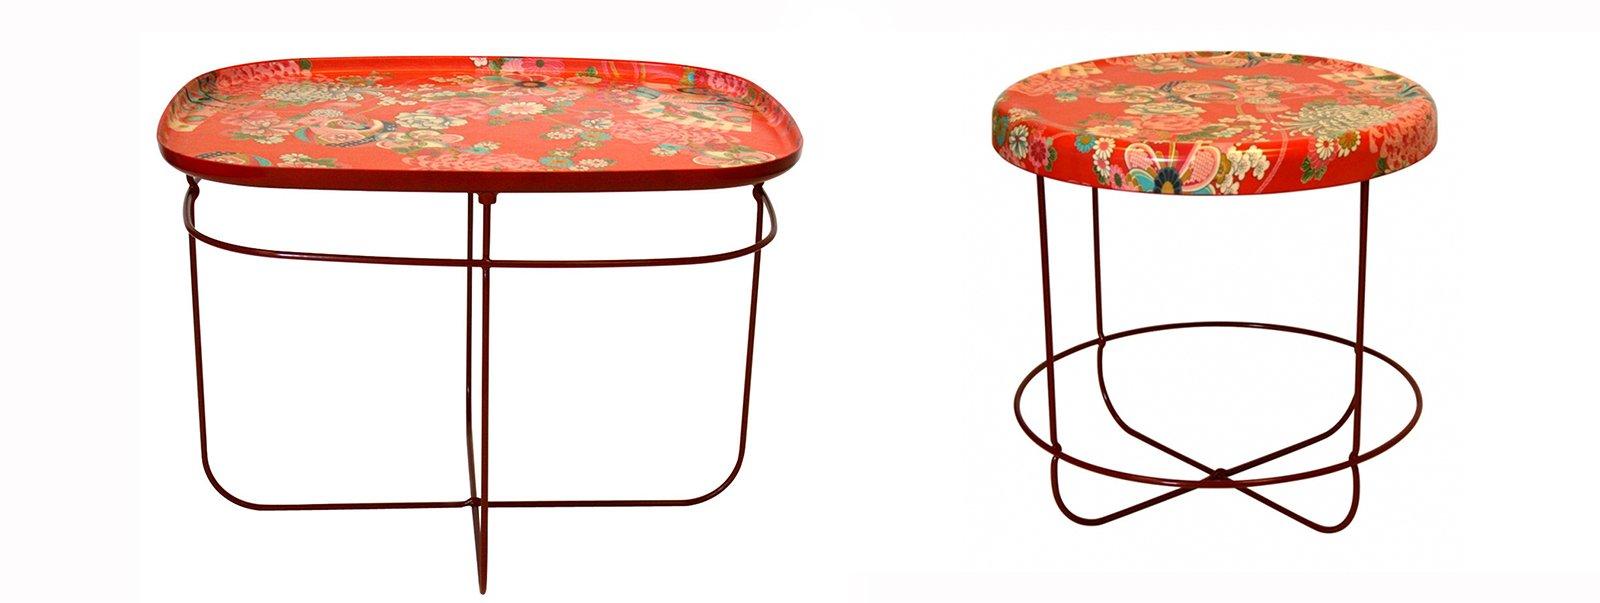 Tavolini complementi multifunzione cose di casa - Tavolini giapponesi ...